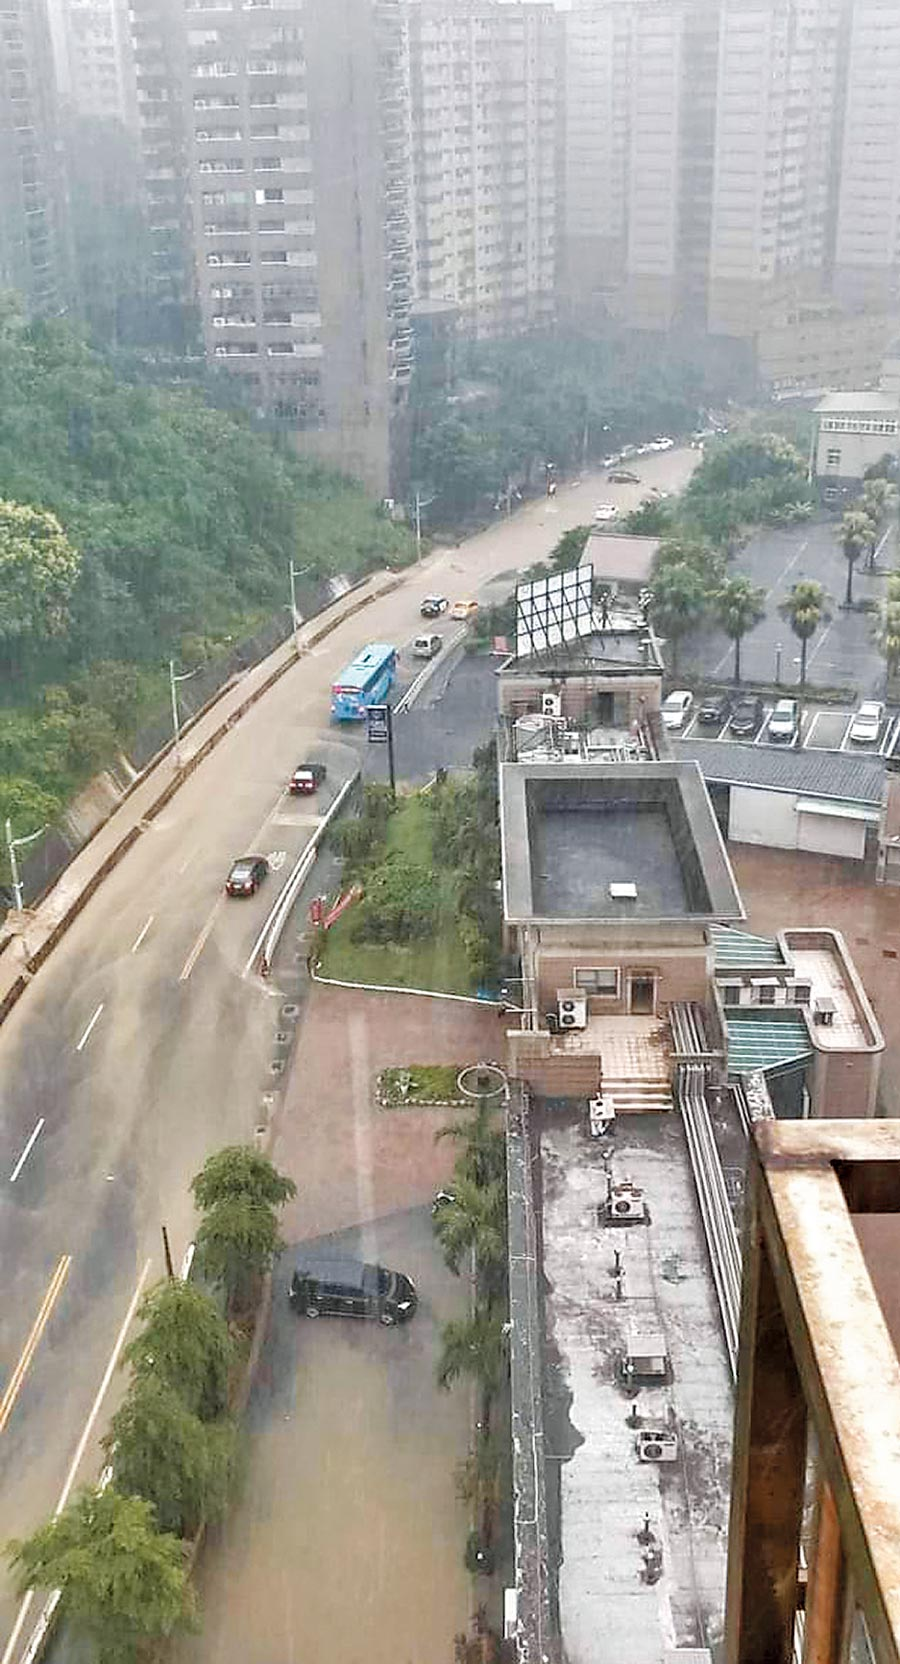 樂利三街與基金一路大淹水,整條道路被充滿泥濘的雨水淹沒。(立委蔡適應提供/陳彩玲基隆傳真)